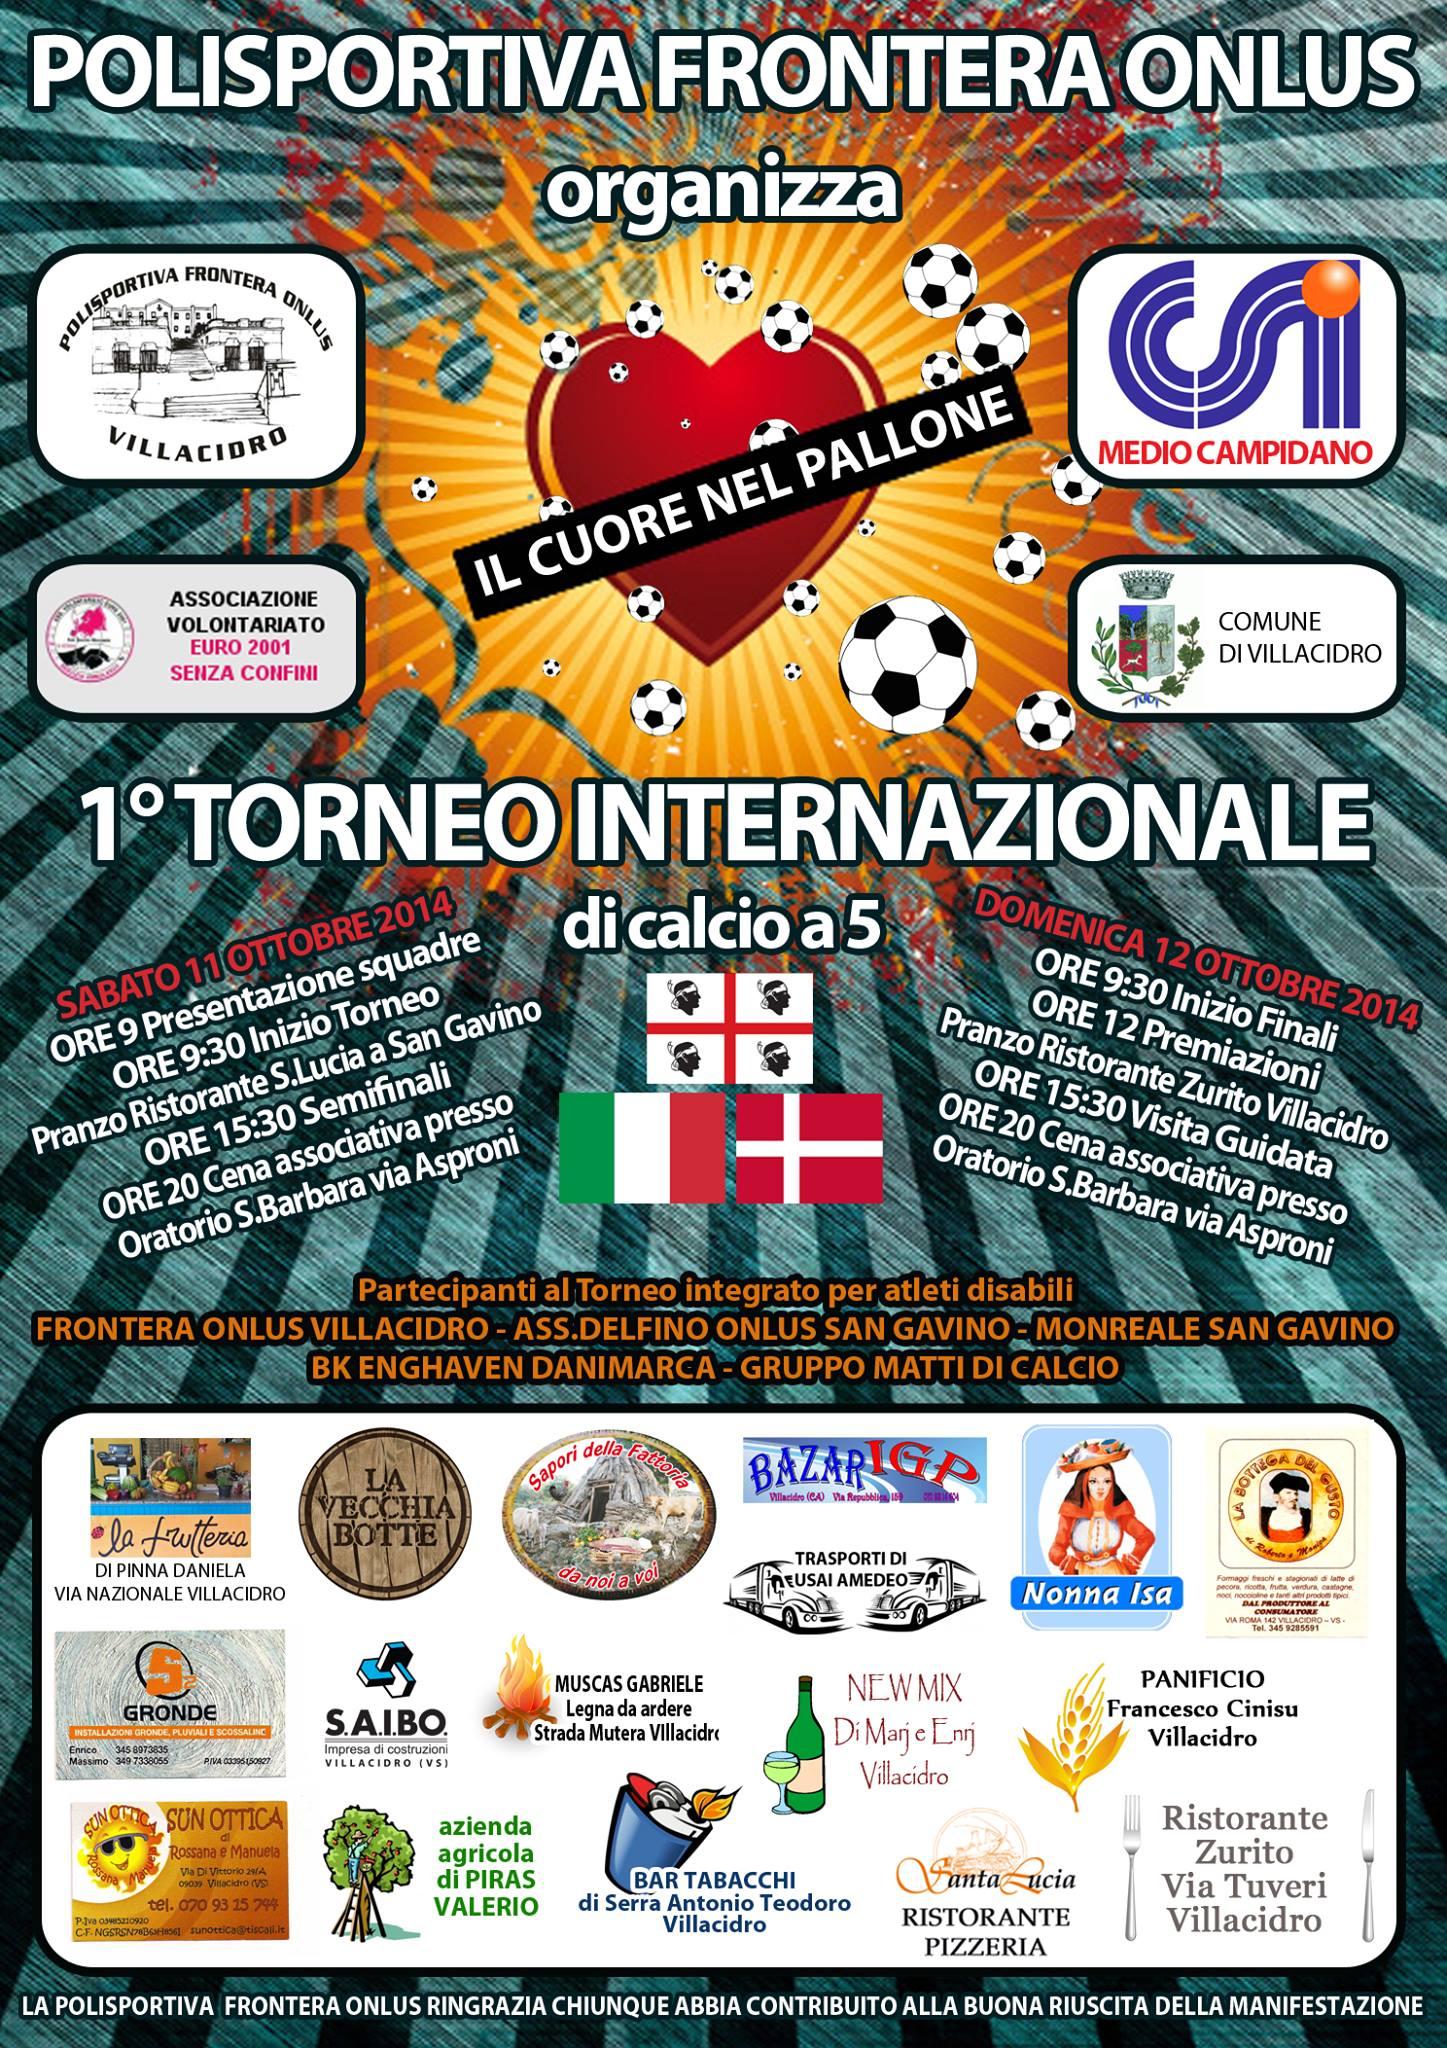 1° Torneo Internazionale di calcio a 5